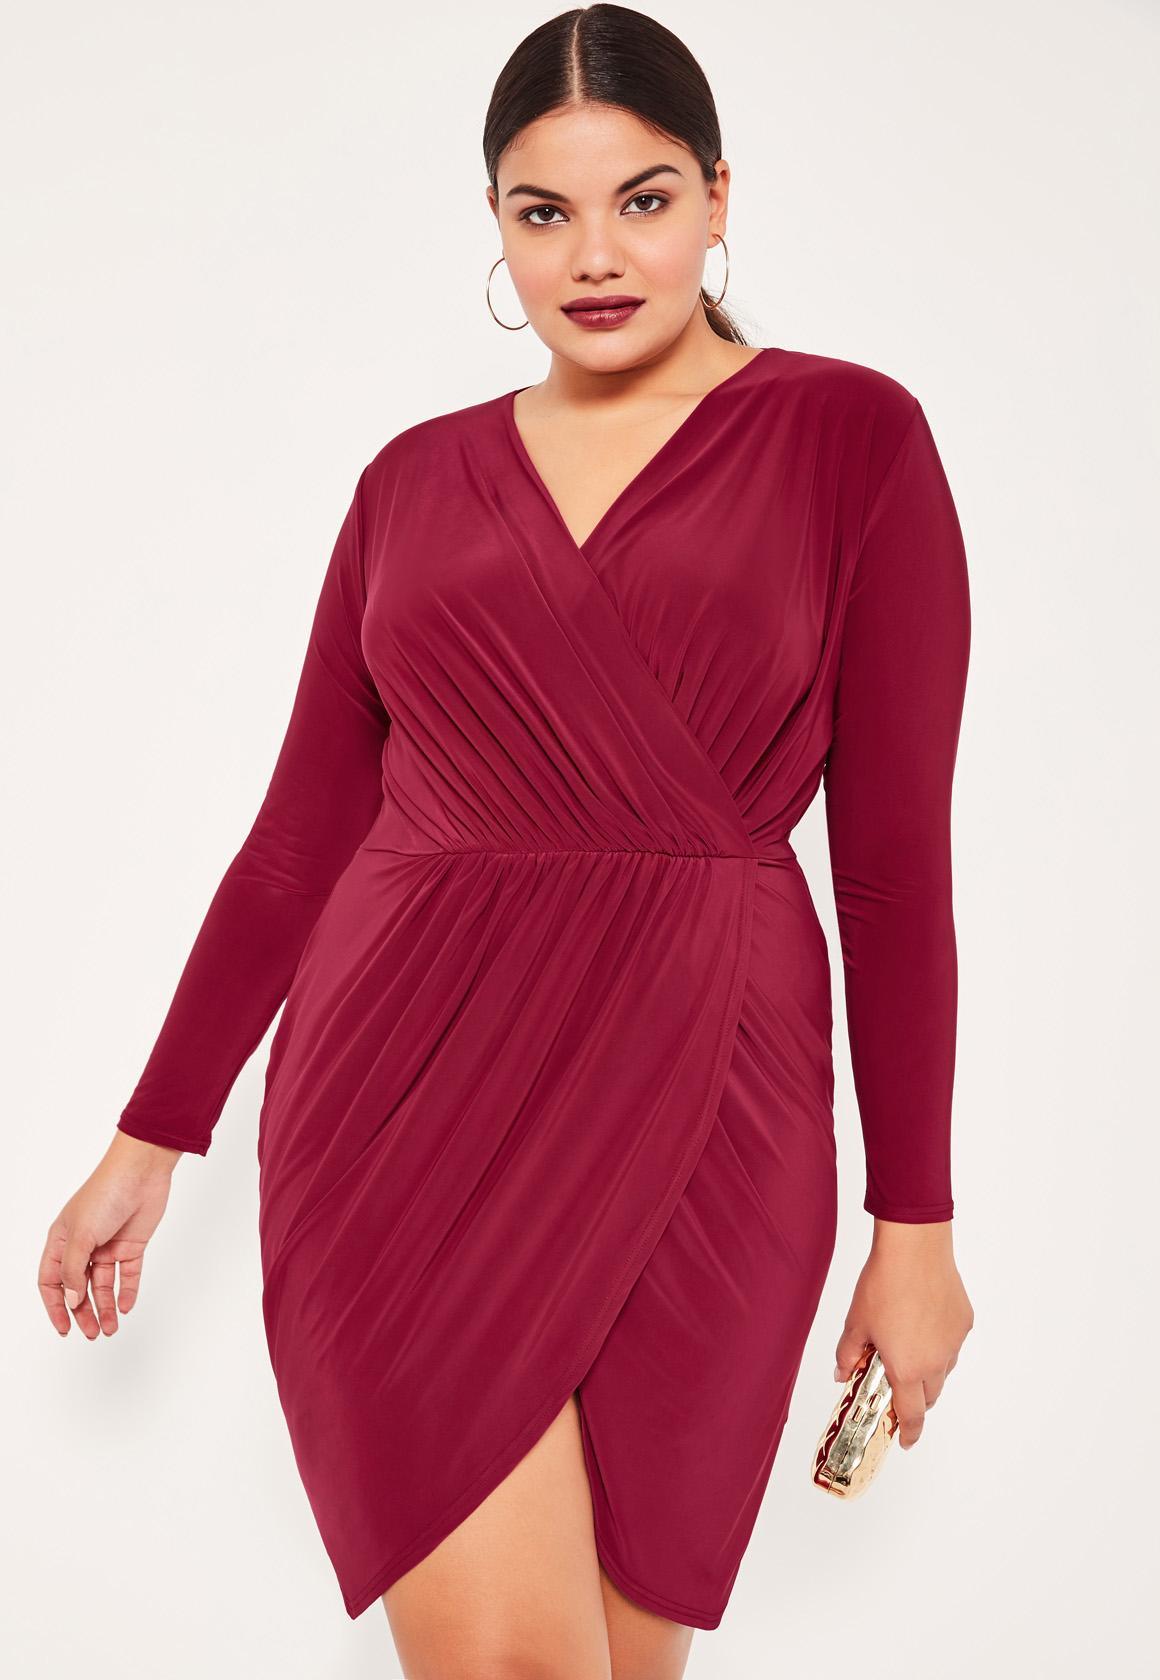 Plus Size Burgundy Slinky Wrap Dress Missguided